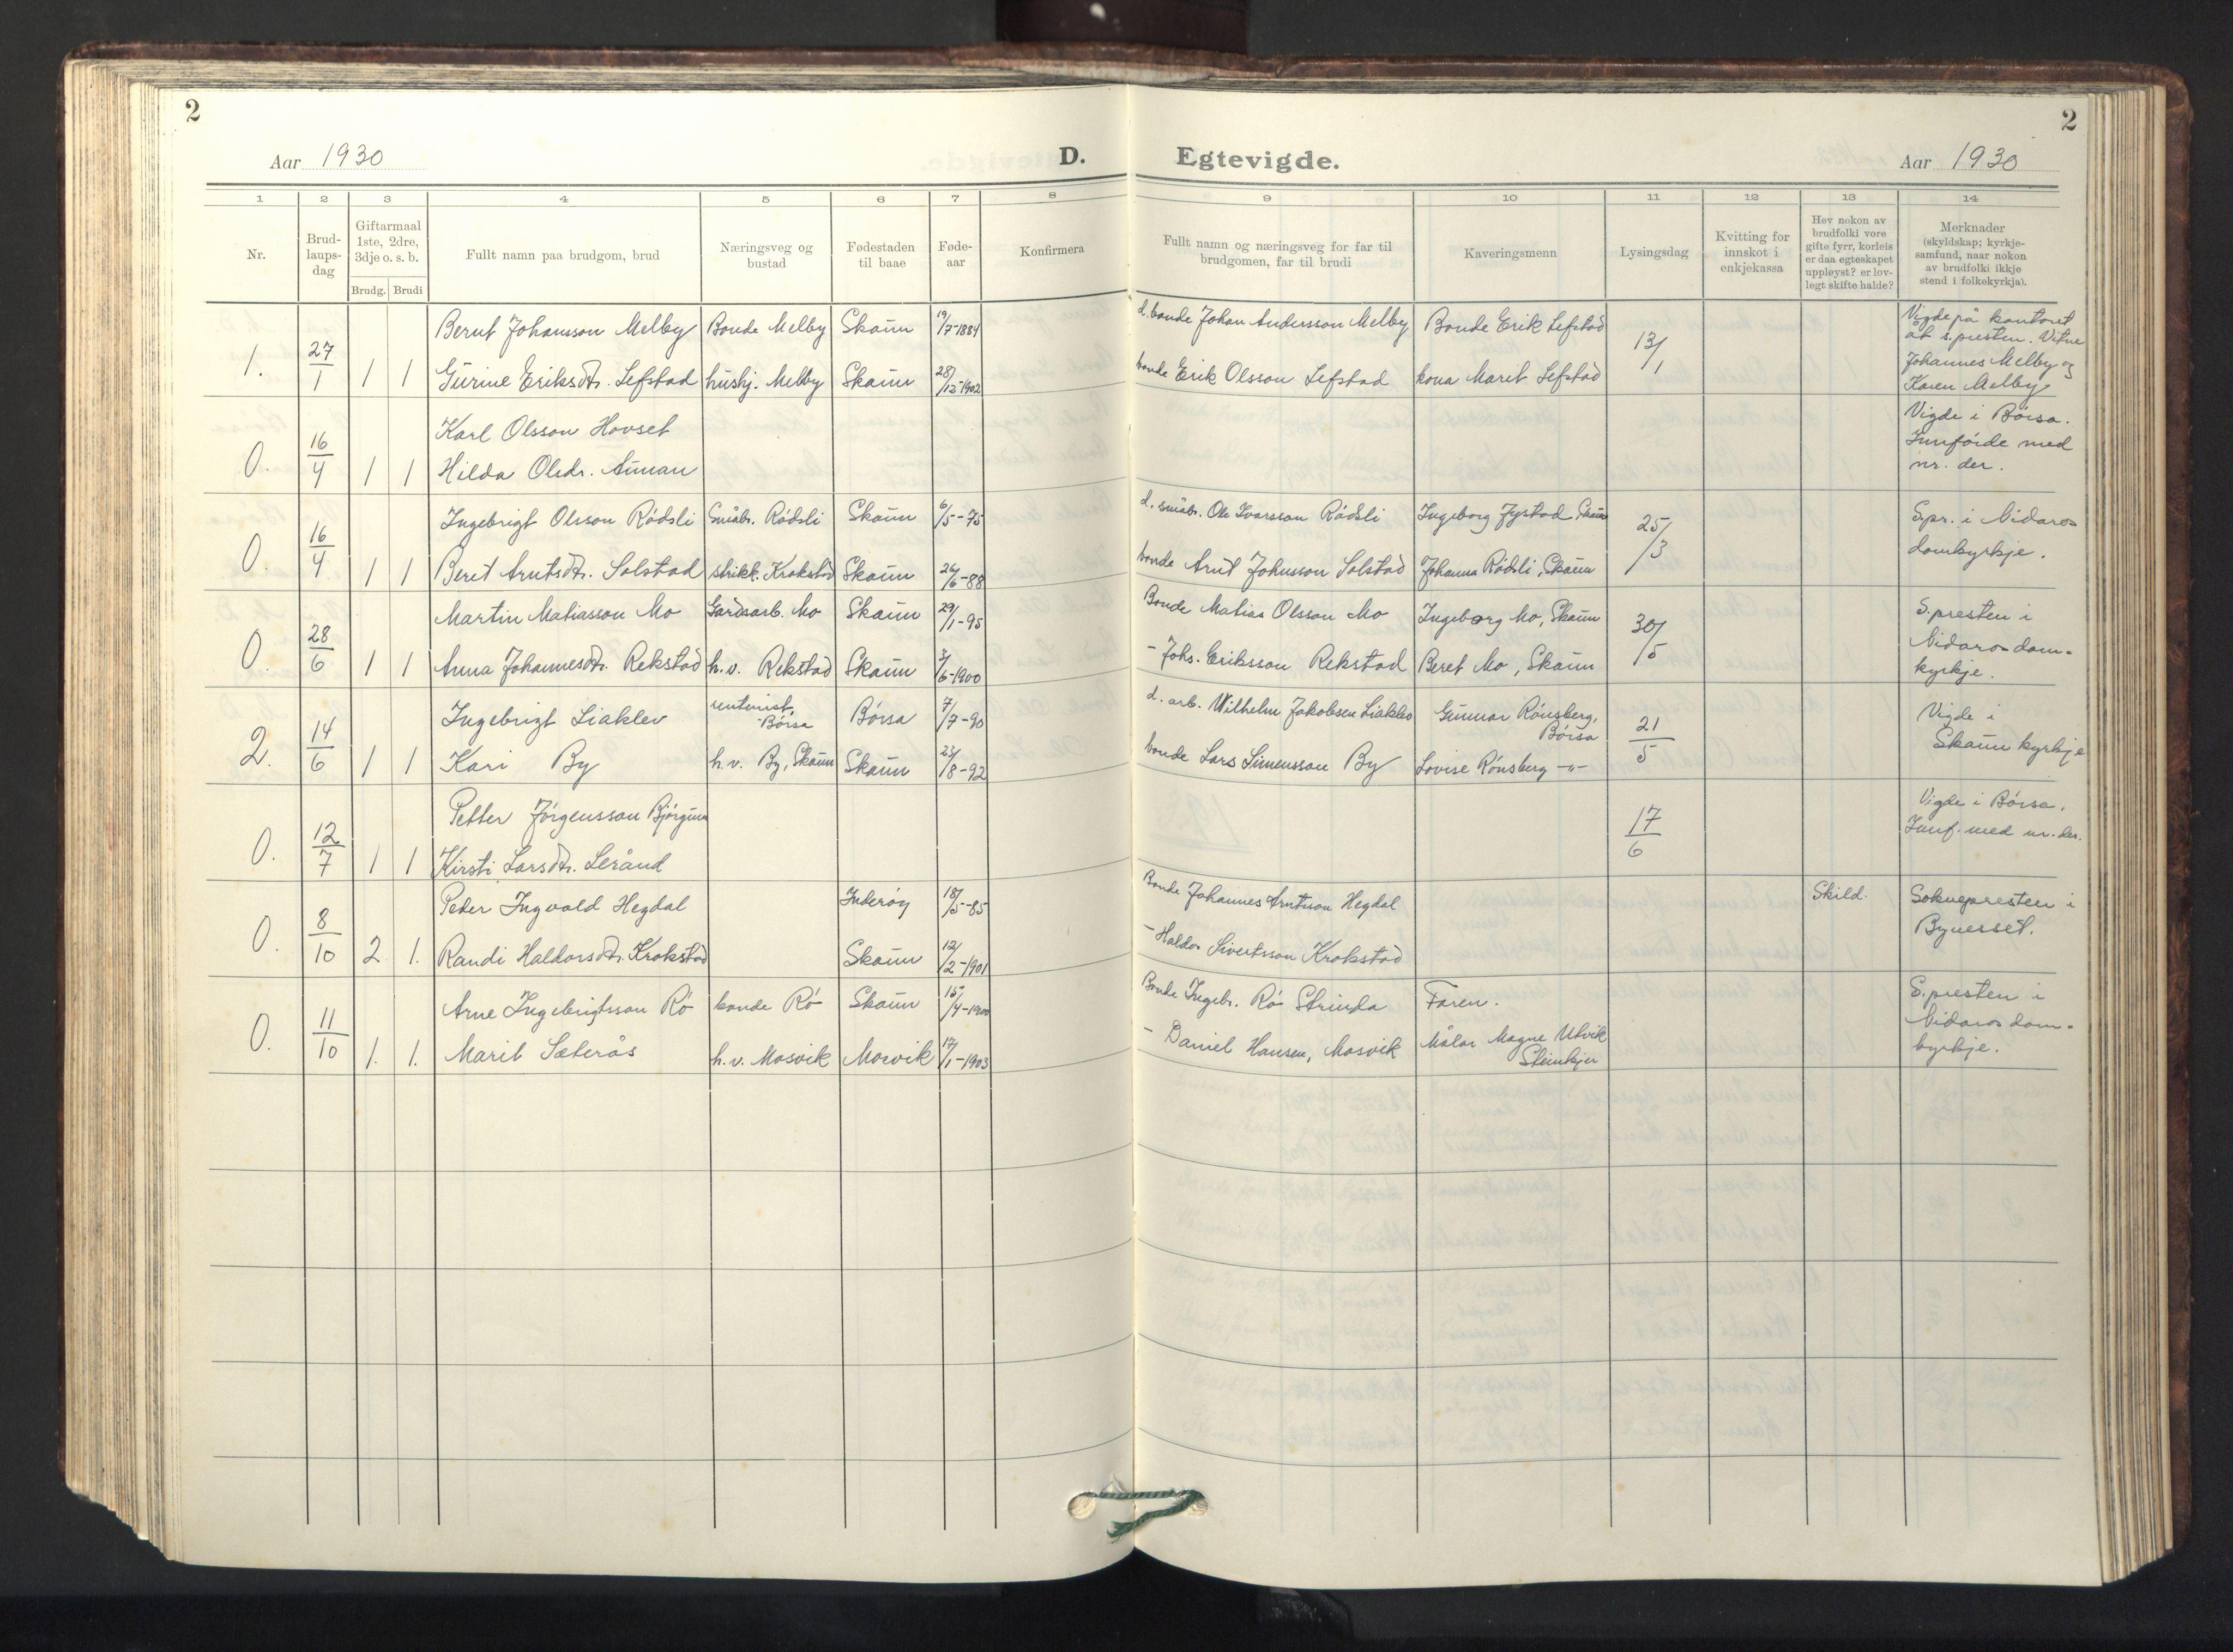 SAT, Ministerialprotokoller, klokkerbøker og fødselsregistre - Sør-Trøndelag, 667/L0799: Klokkerbok nr. 667C04, 1929-1950, s. 2